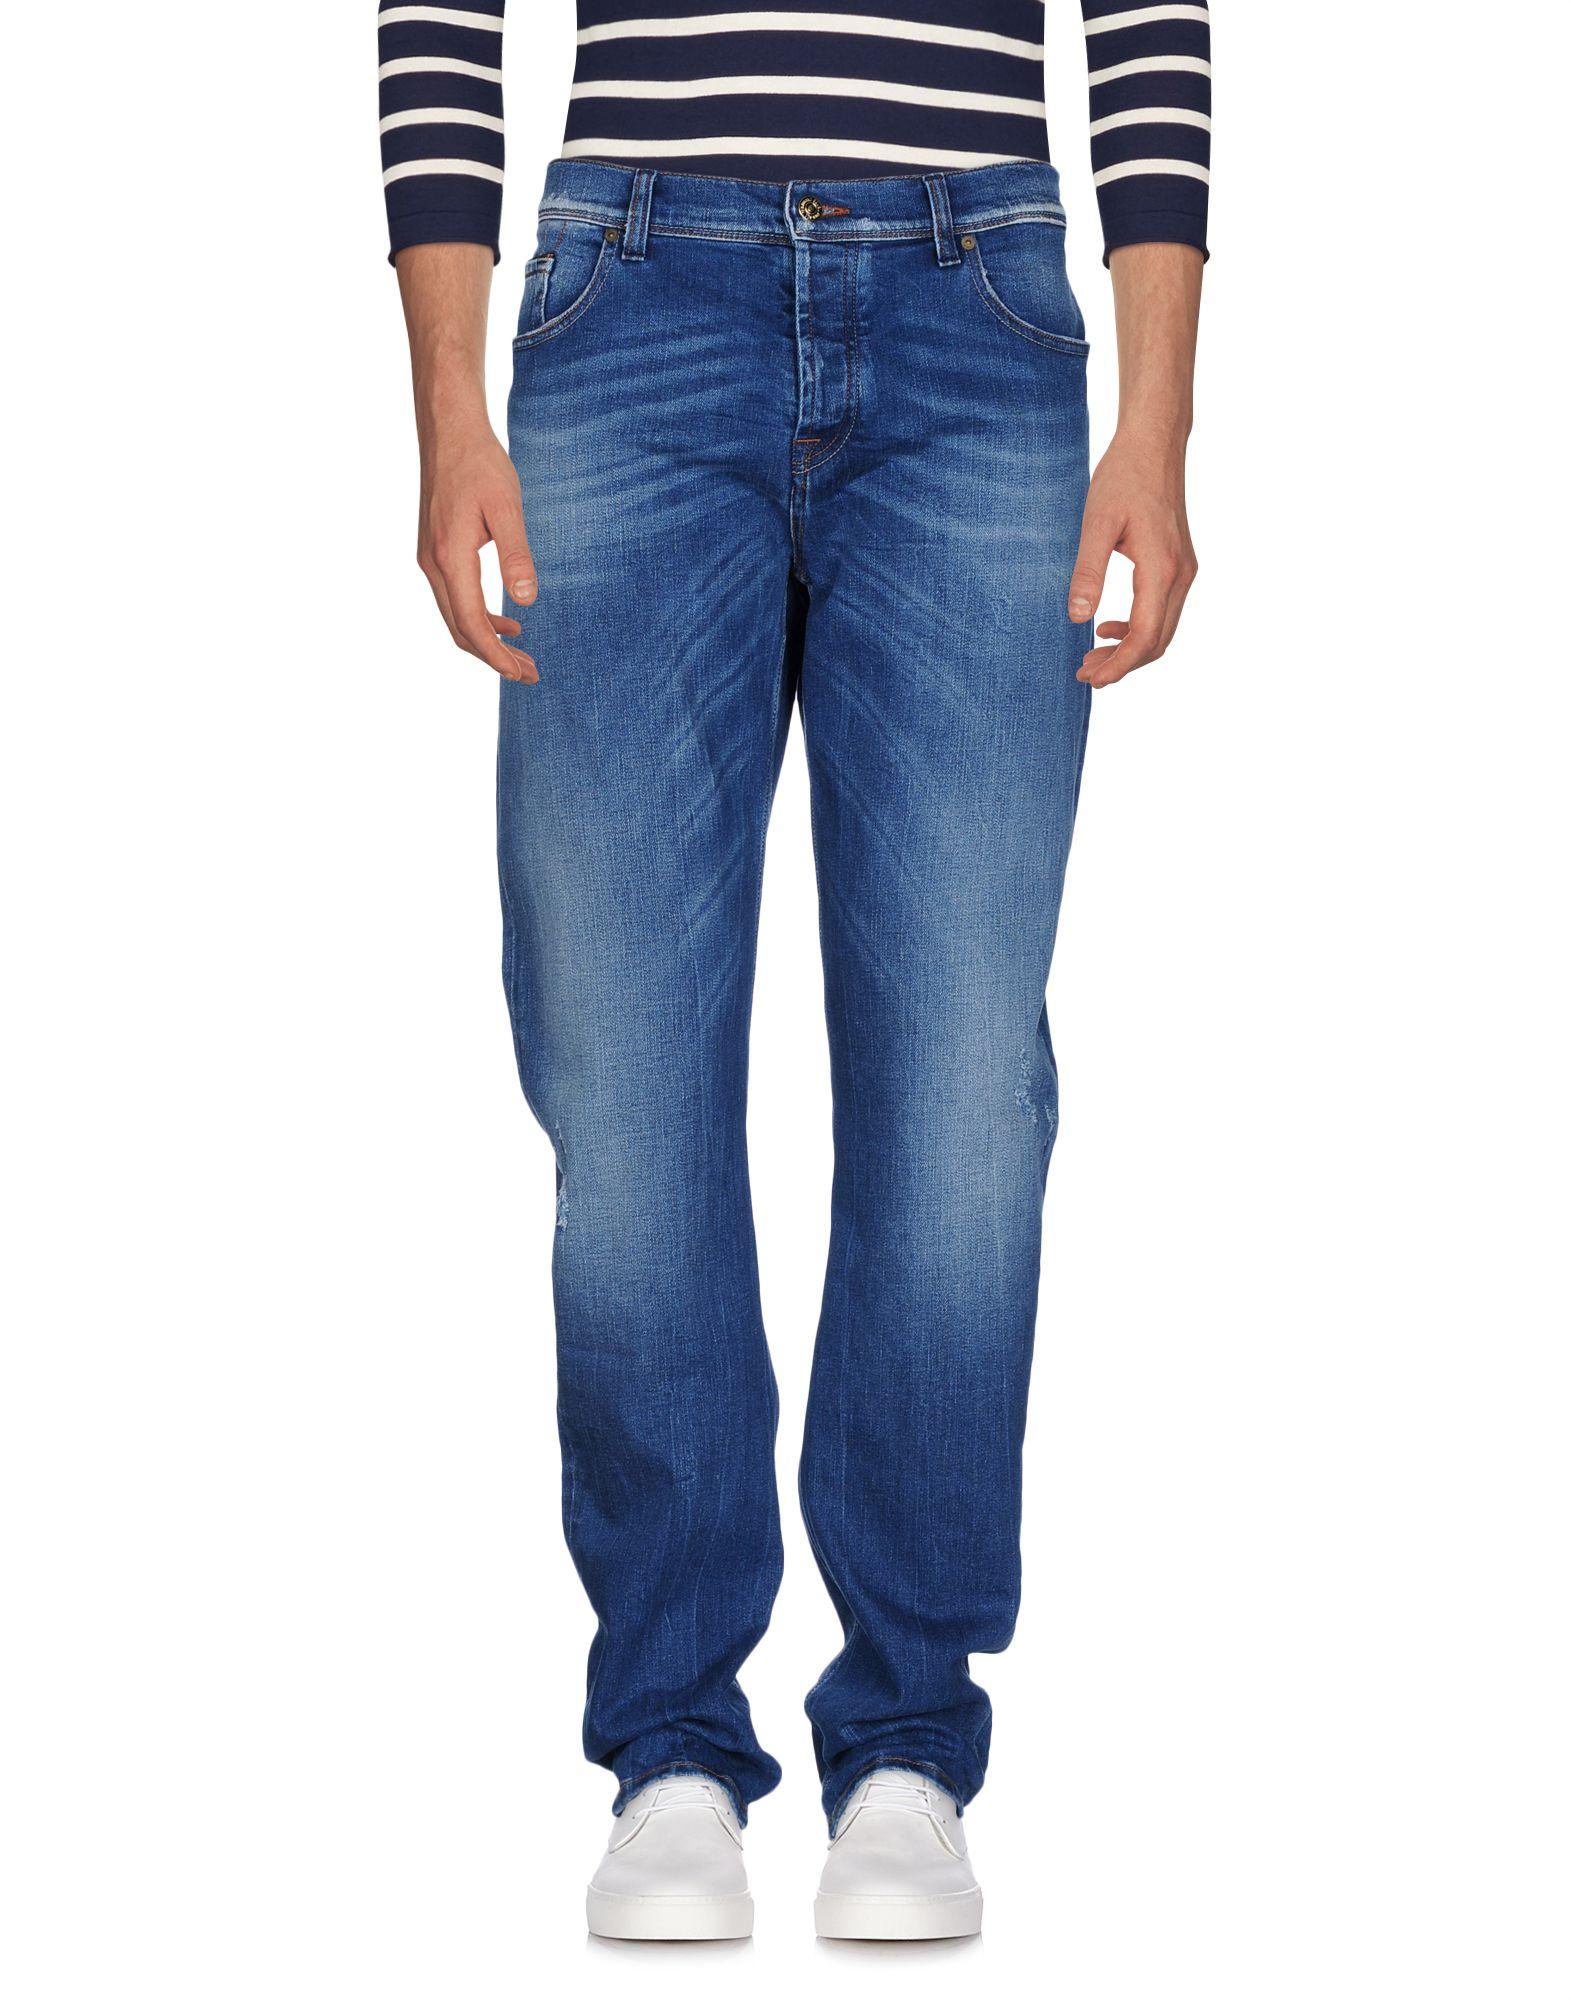 Pantaloni Jeans 7 For All Mankind Uomo - Acquista online su